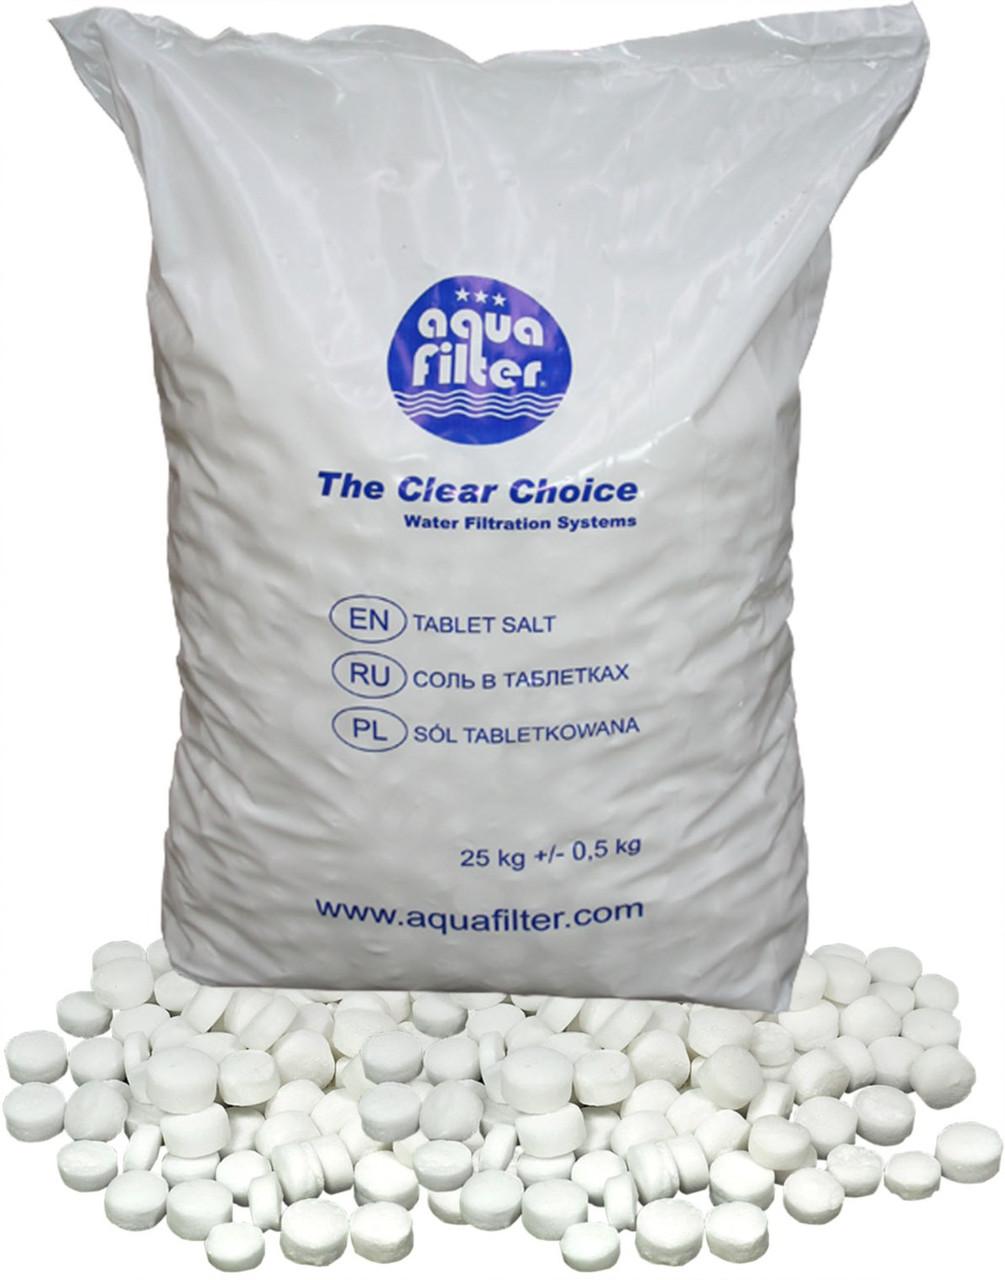 Соль в таблетках Aquafilter (25 кг)